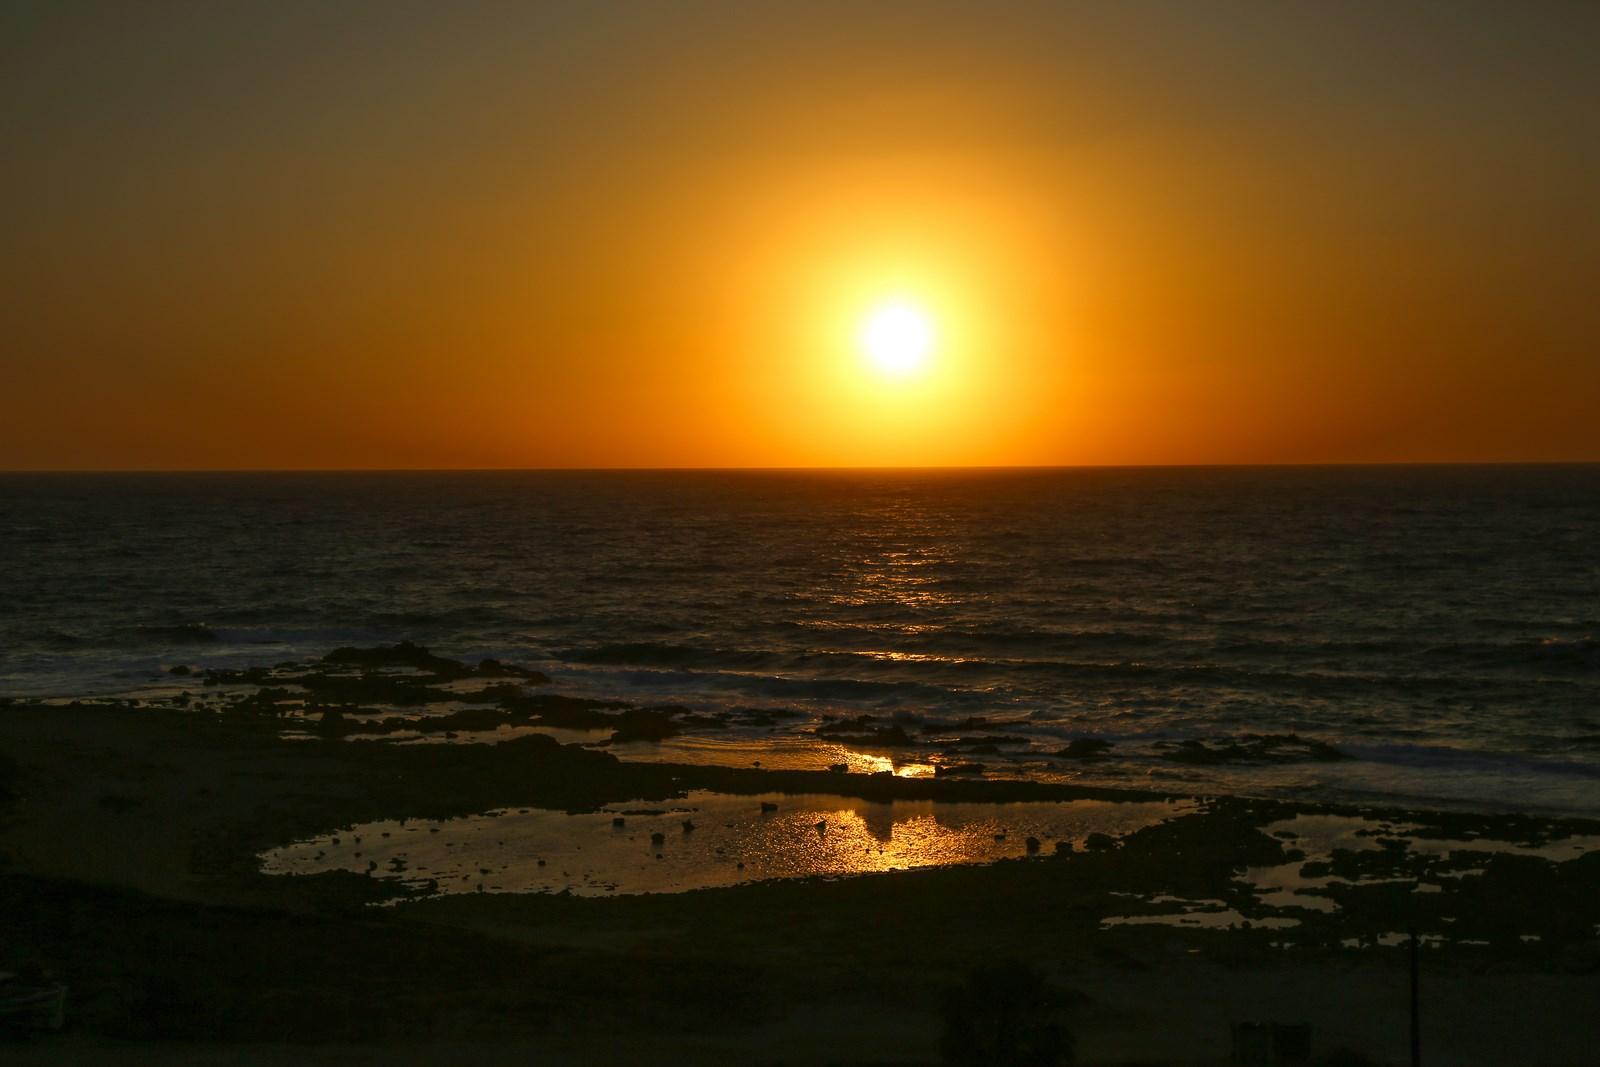 #Ηλιοβασίλεμα Αγίου Γεωργίου